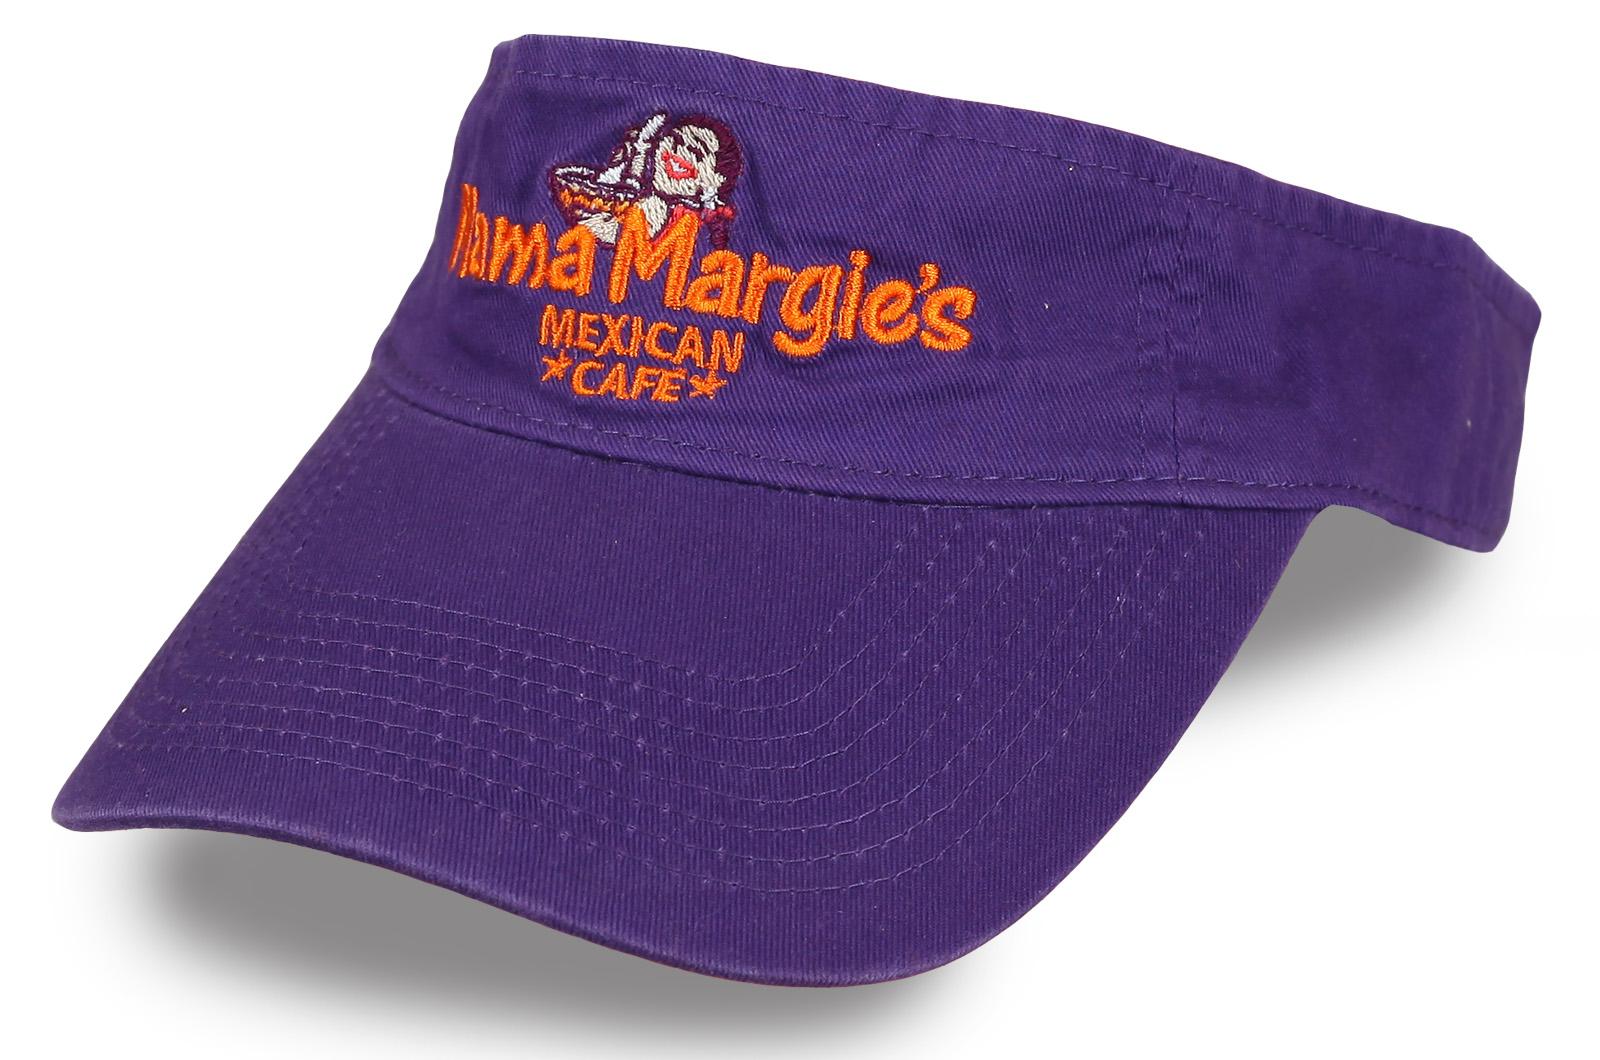 Тенниска фиолетовая - купить в интернет-магазине с доставкой